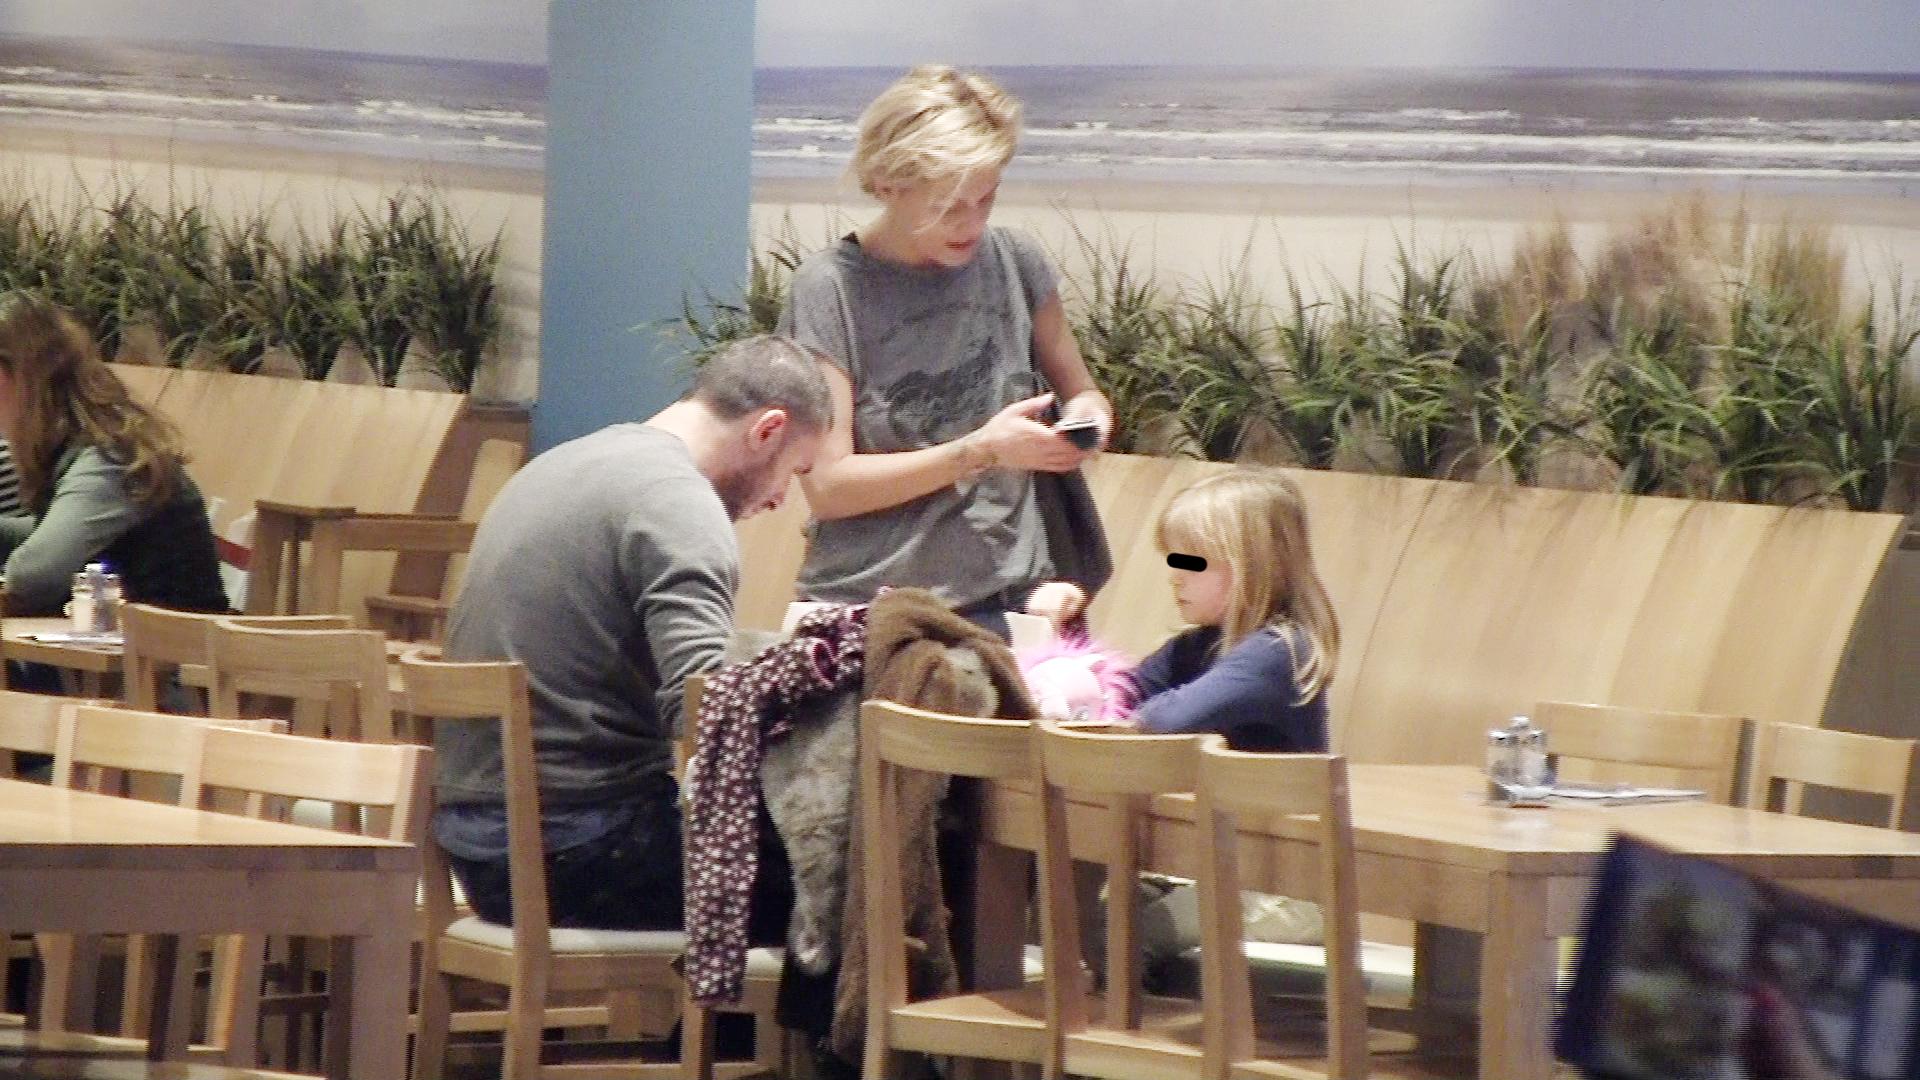 Satul sa umble prin magazine, actorul isi asteapta sotia si fiica la un restaurant in cadrul centrului comercial